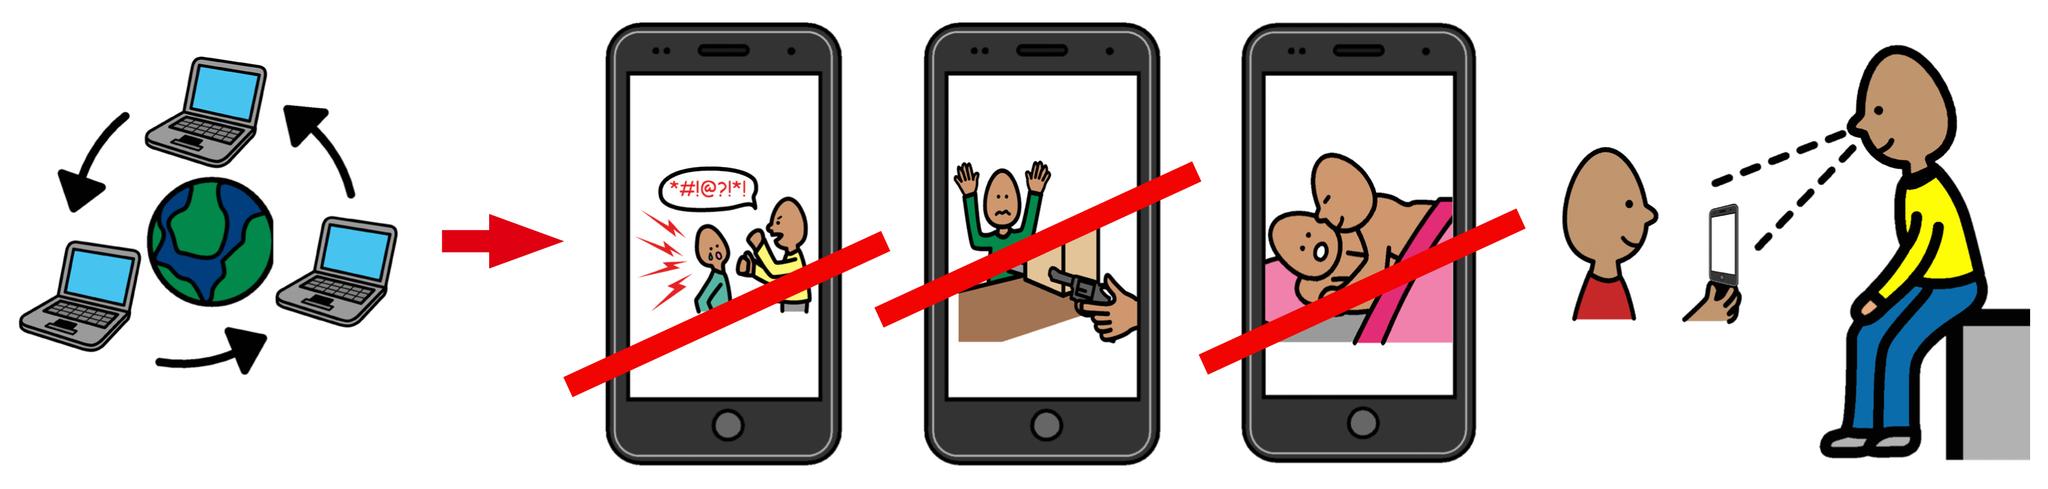 Internetnutzung: Keine gewaltverherrlichenden, altersunangemessenen, illegalen Inhalte! Auf Verlangen der Aufsicht bitte zeigen!